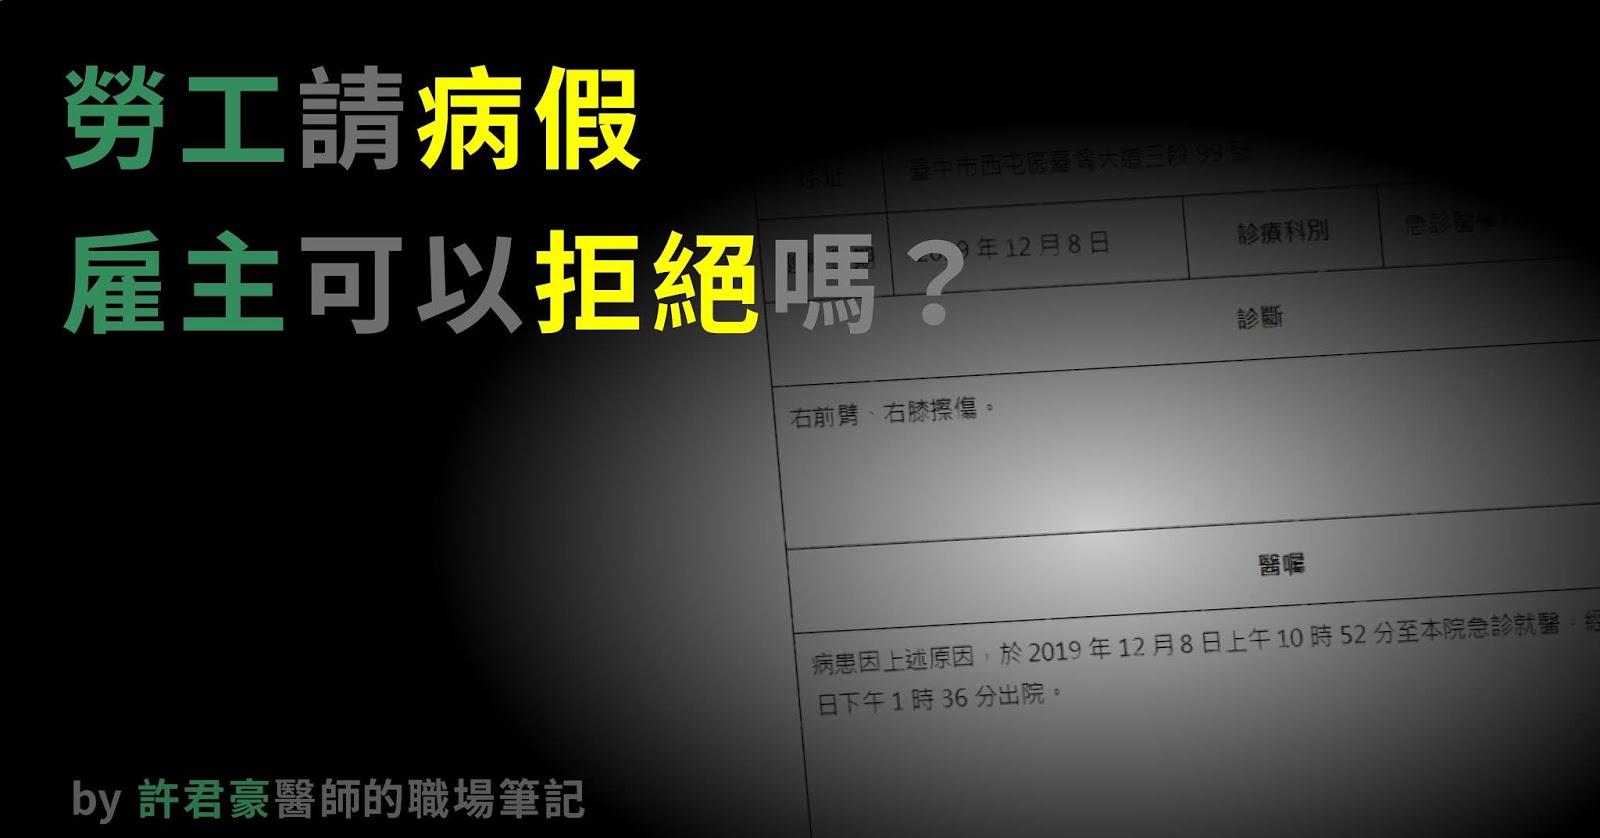 許君豪醫師 Jun-Hao Shih, MD: 勞工請病假,雇主可以拒絕嗎?